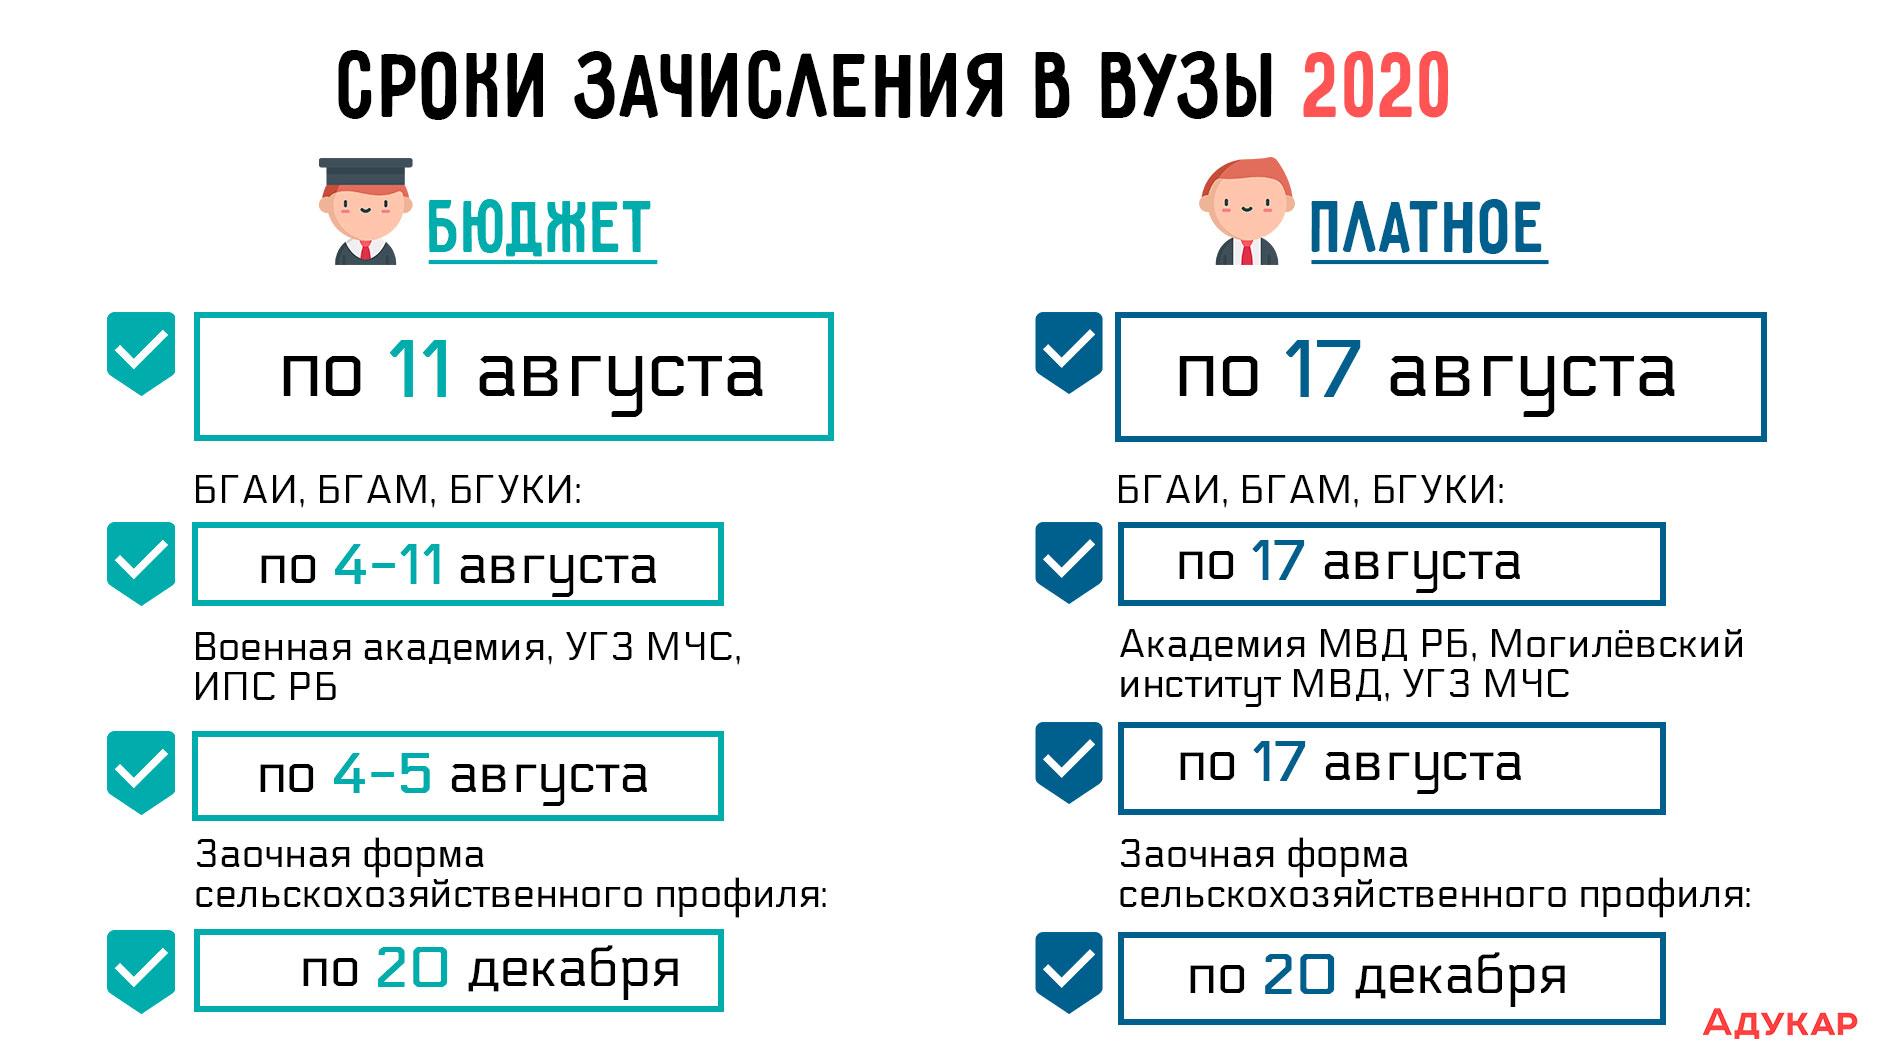 Если абитуриент участвовал в общем конкурсе на группу специальностей, то перед зачислением его могут пригласить на собеседование для выбора специальности